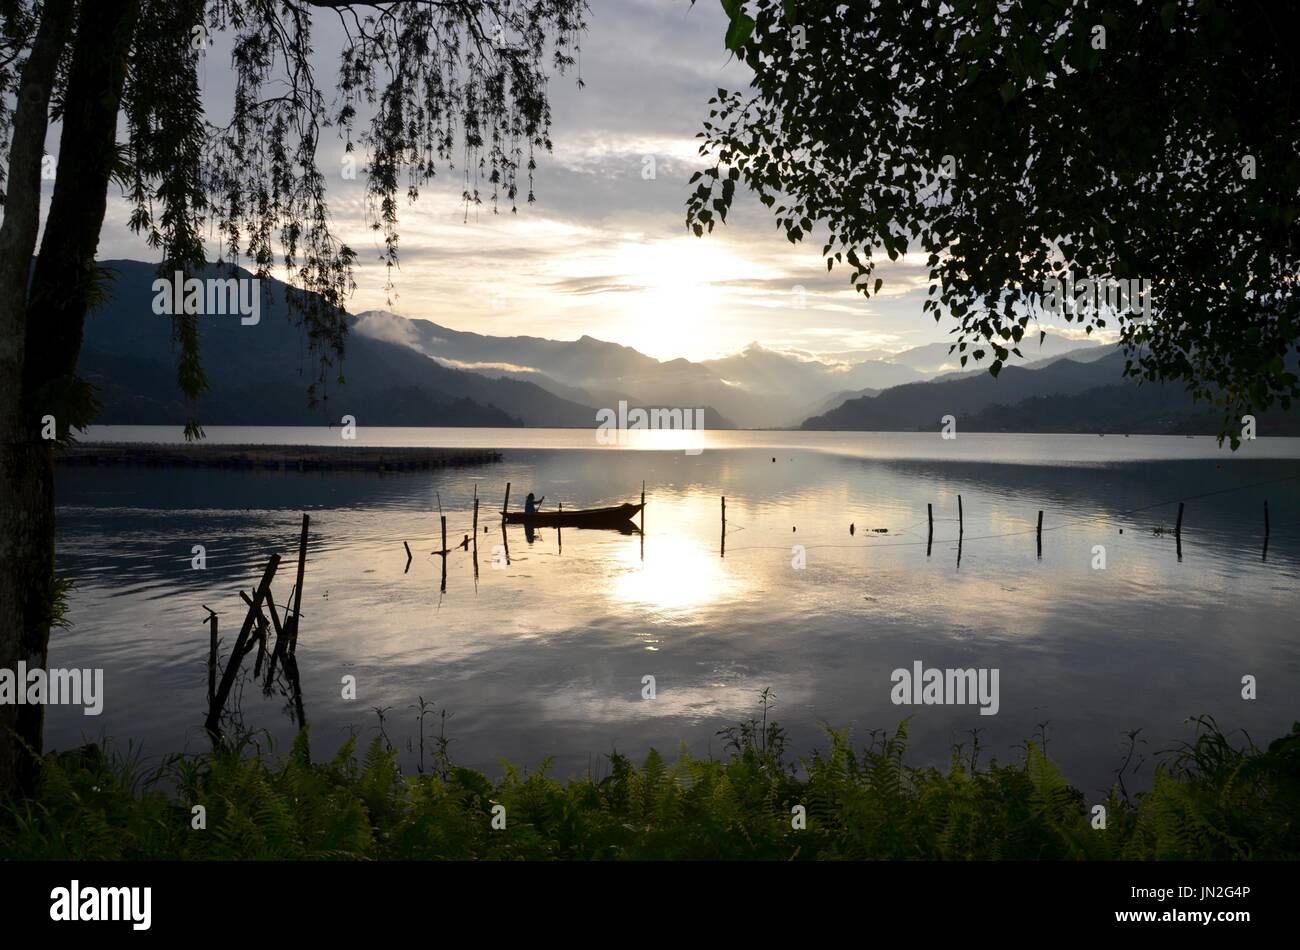 Fewa lake Pokhara Nepal. - Stock Image